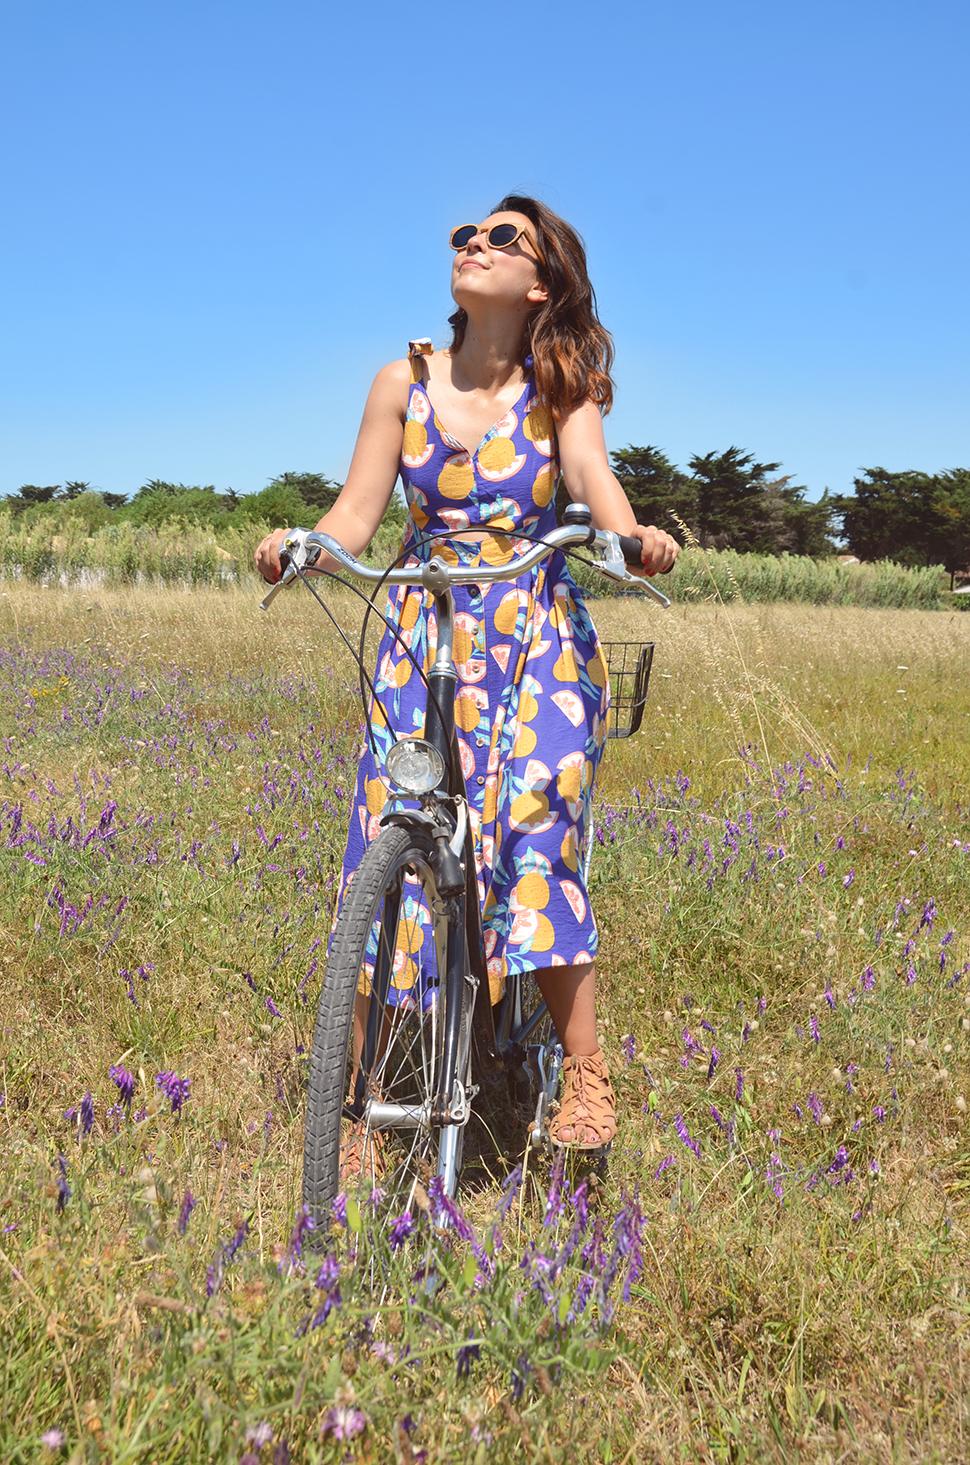 Helloitsvalentine_iledere_bicycle_Cocorrina_Pimkie_9